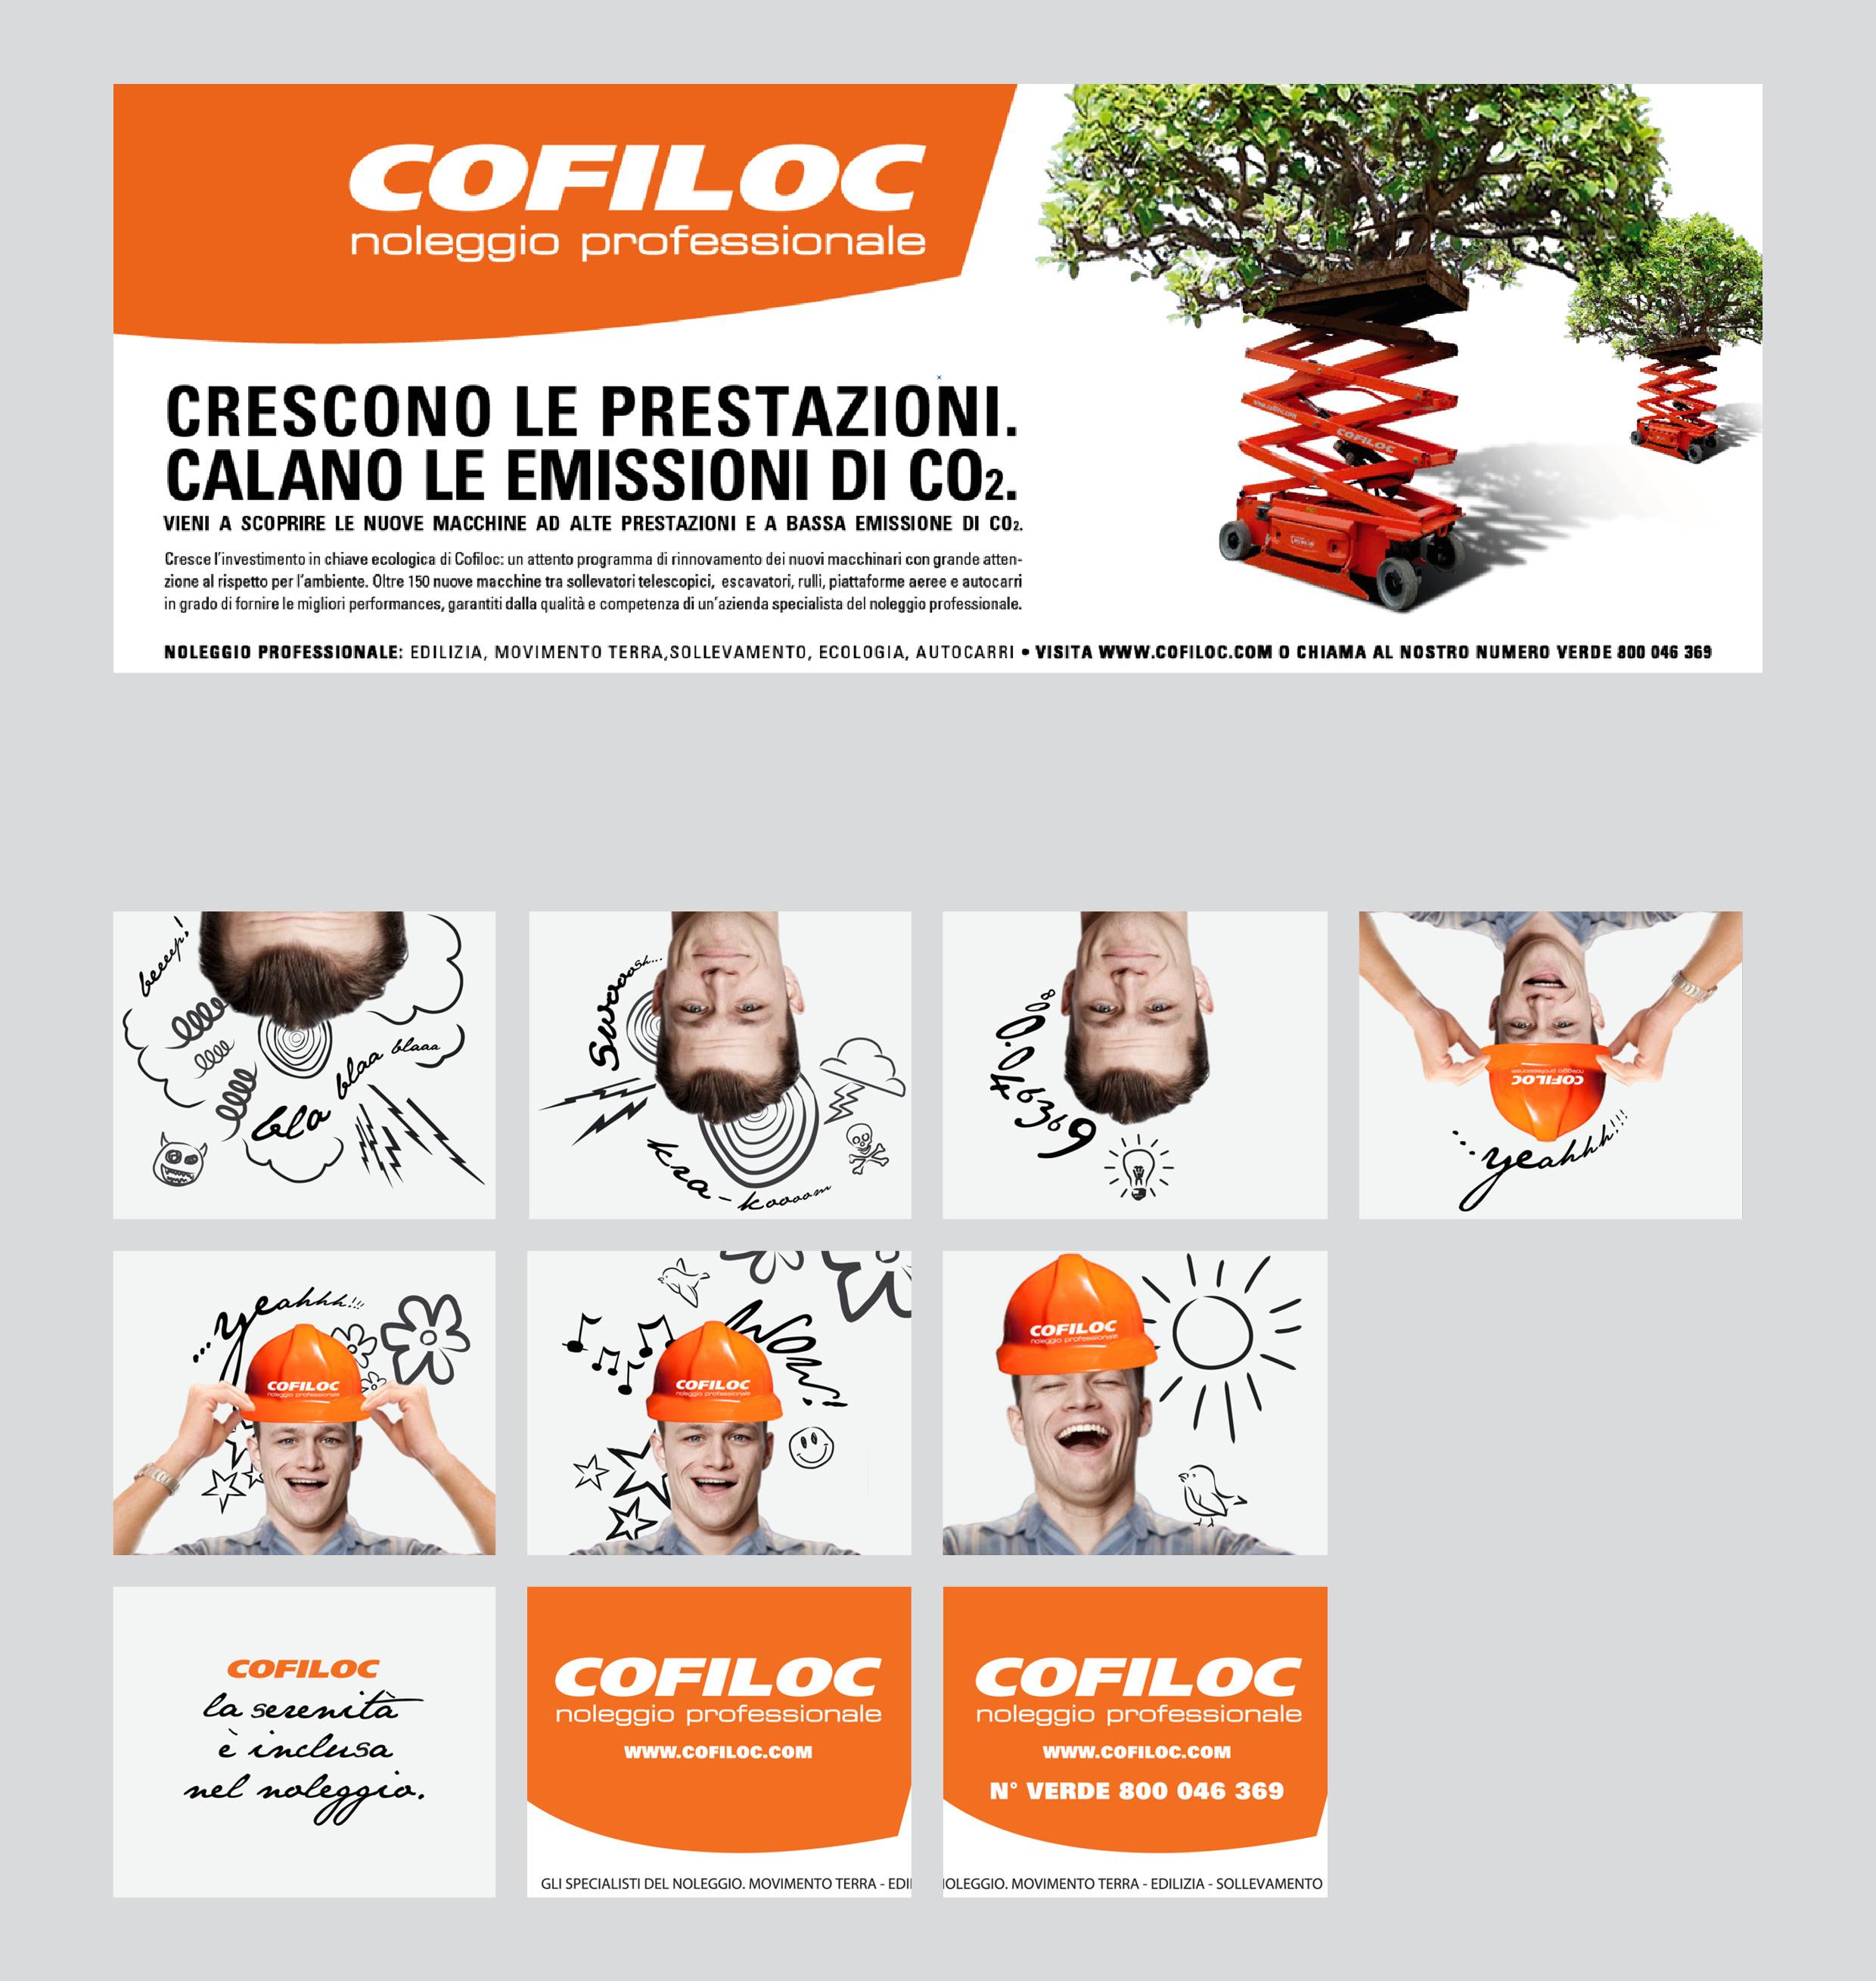 COFILOC